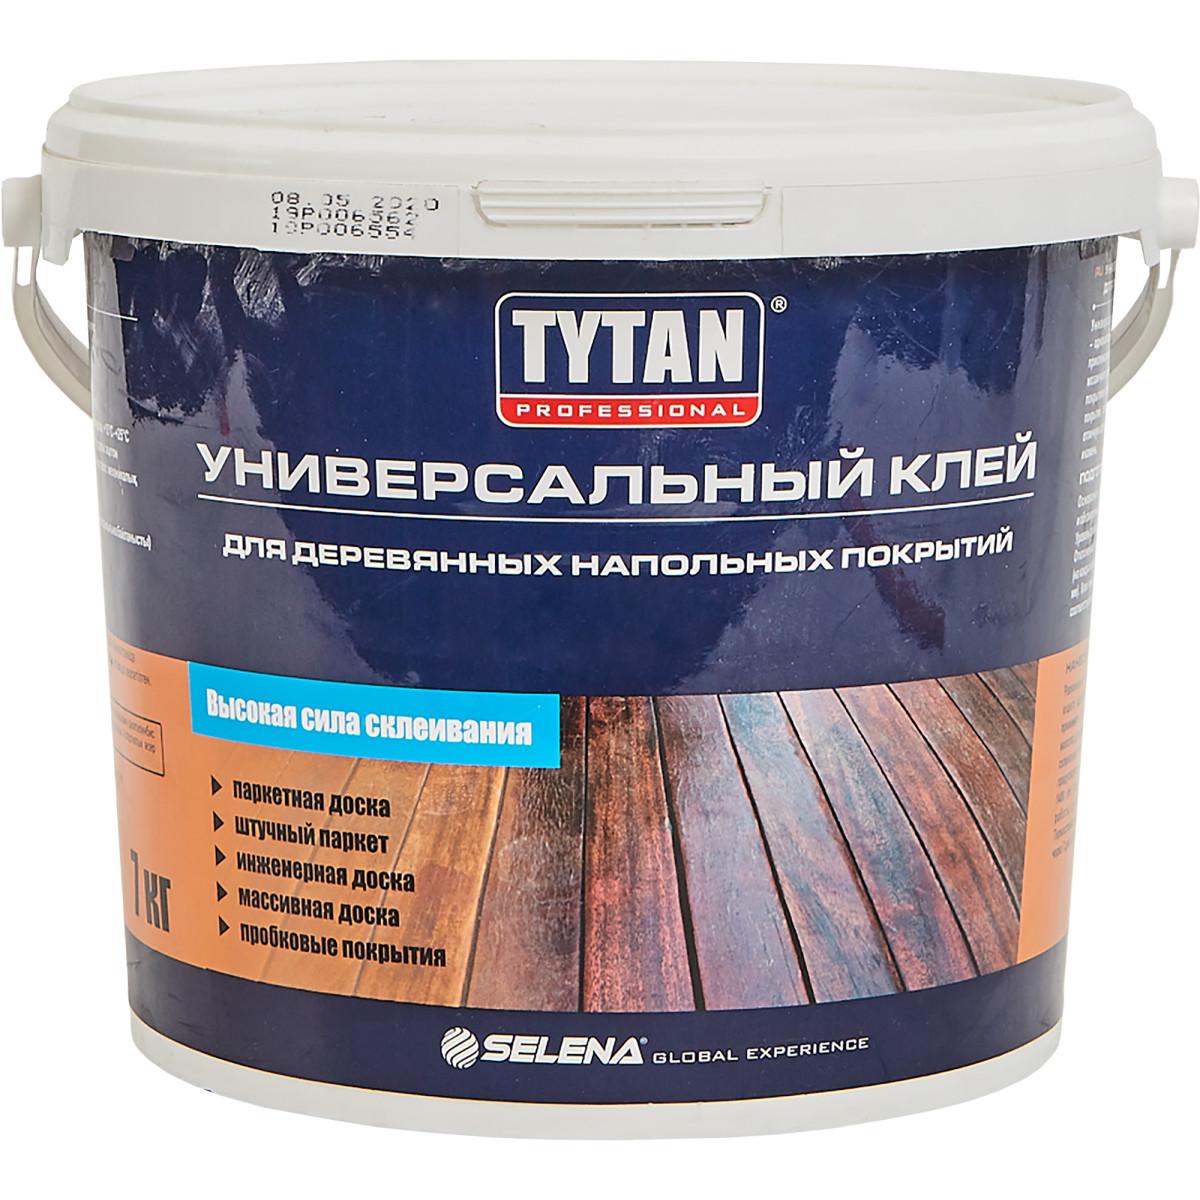 Клей Tytan Professional для всех видов паркета 7 кг